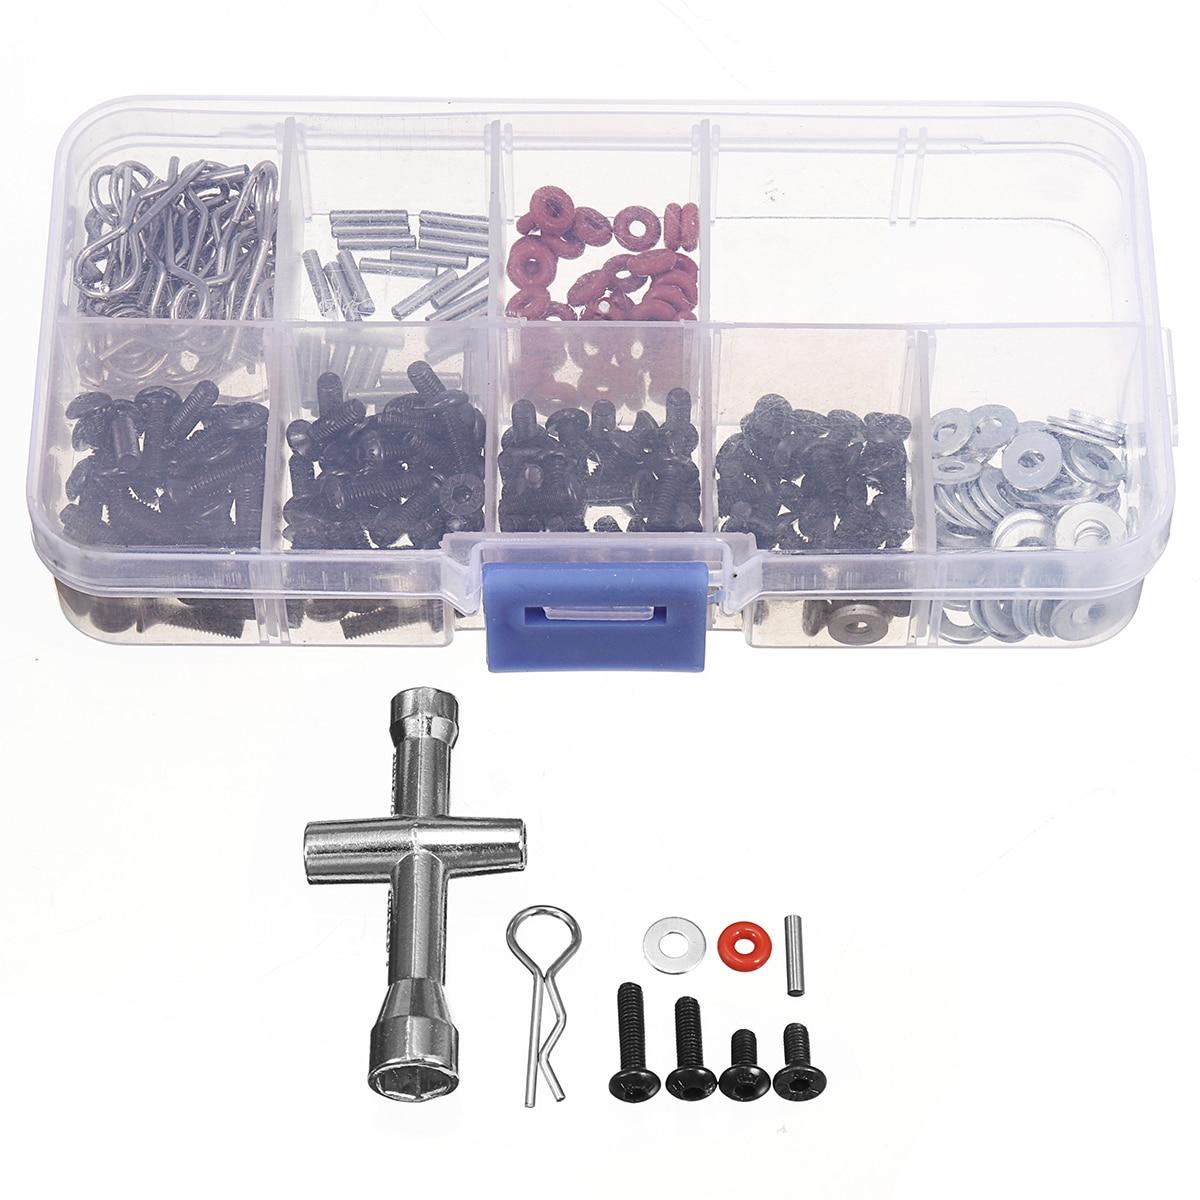 270 Stks Reparatie Tool En Schroeven Box Set Voor 1/10 Hsp Rc Auto Inclusief Inbussleutel Box Verpakt Schroef Tool Rc Speelgoed Reparatie Tools Snelle Kleur